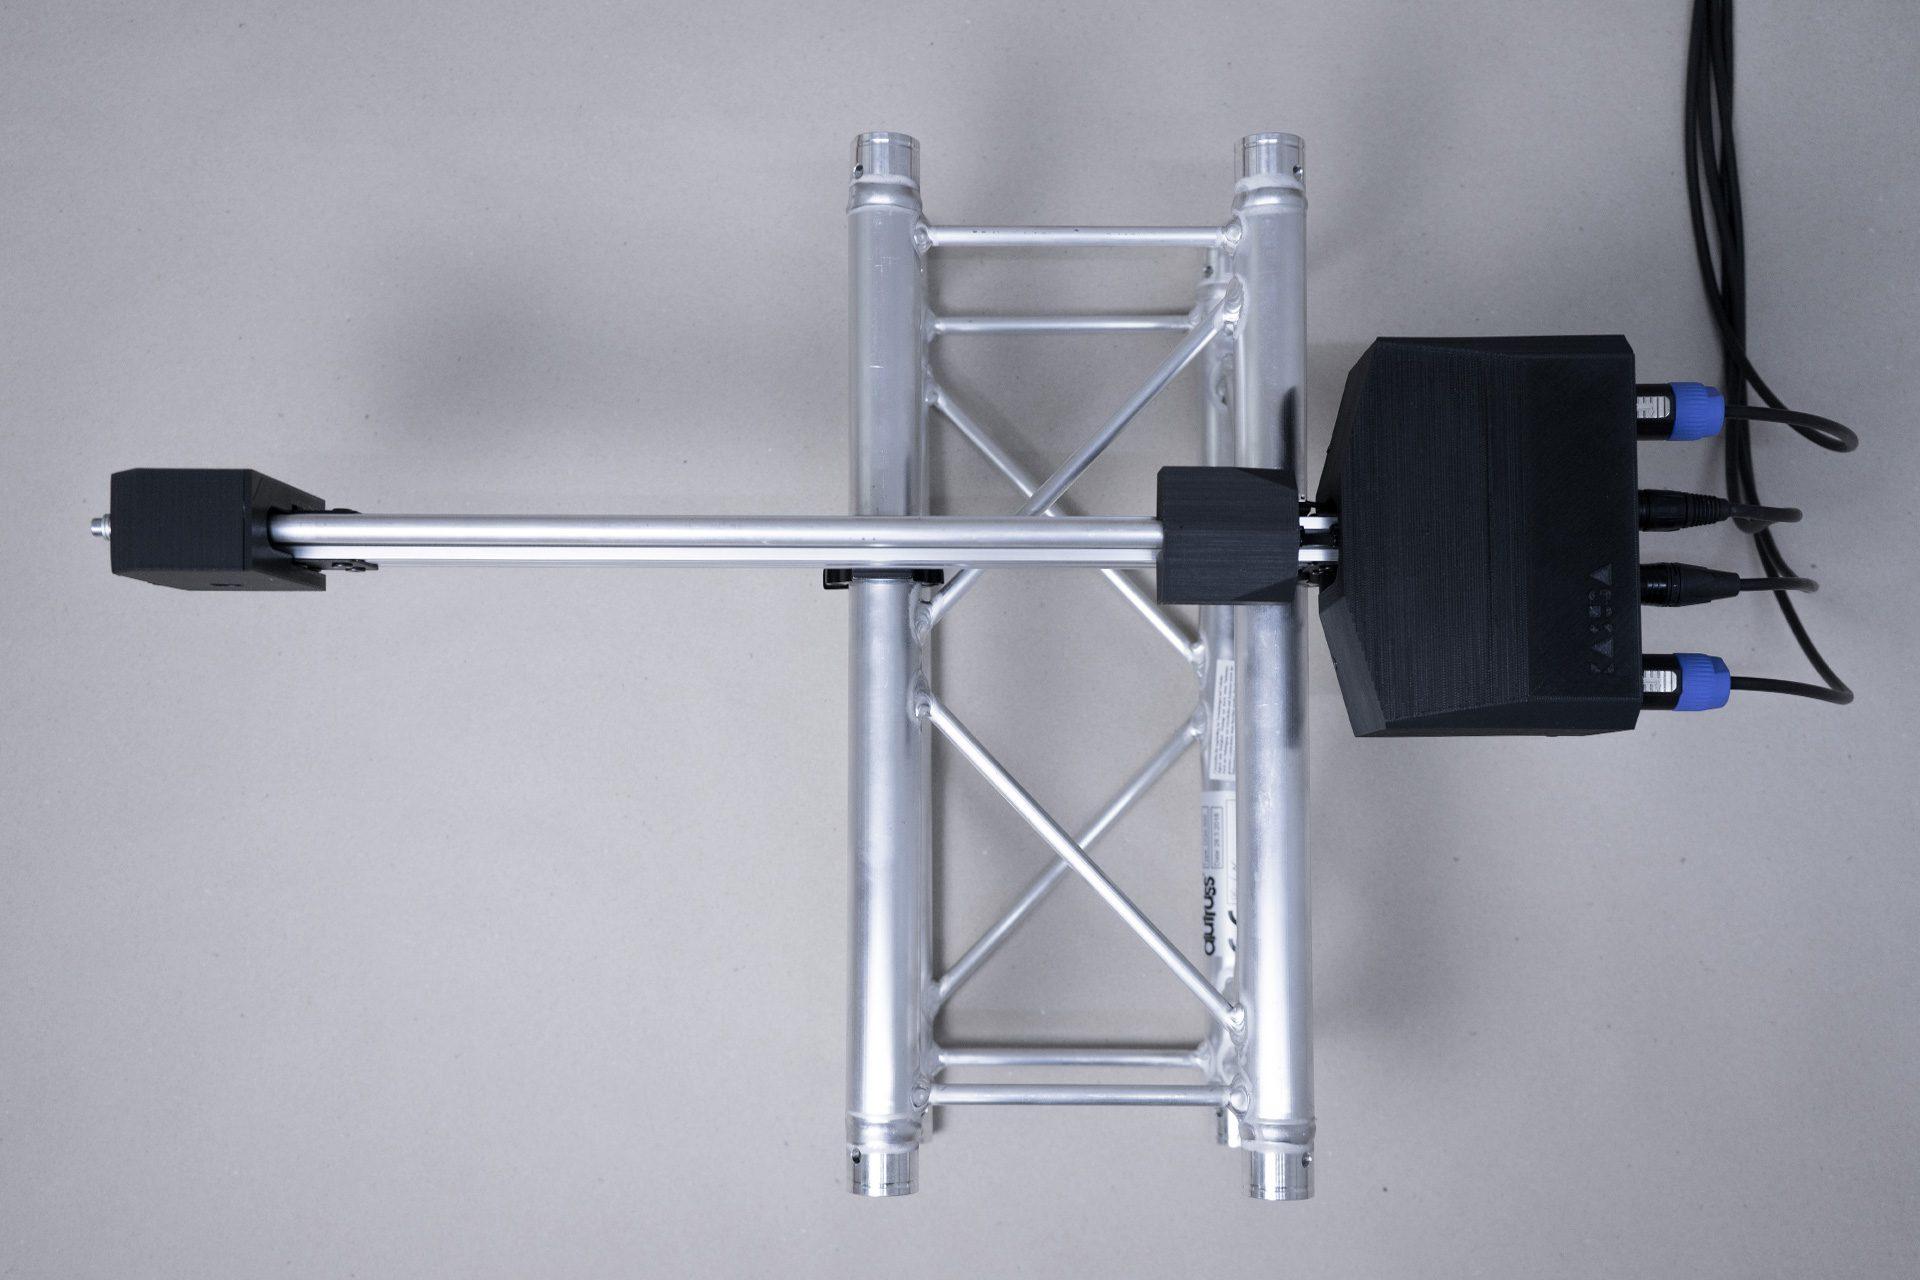 DMX Linear Actuator (variable length, 0.1 - 6kg load, 0 - 12cm/s speed, 2 DMX channels)